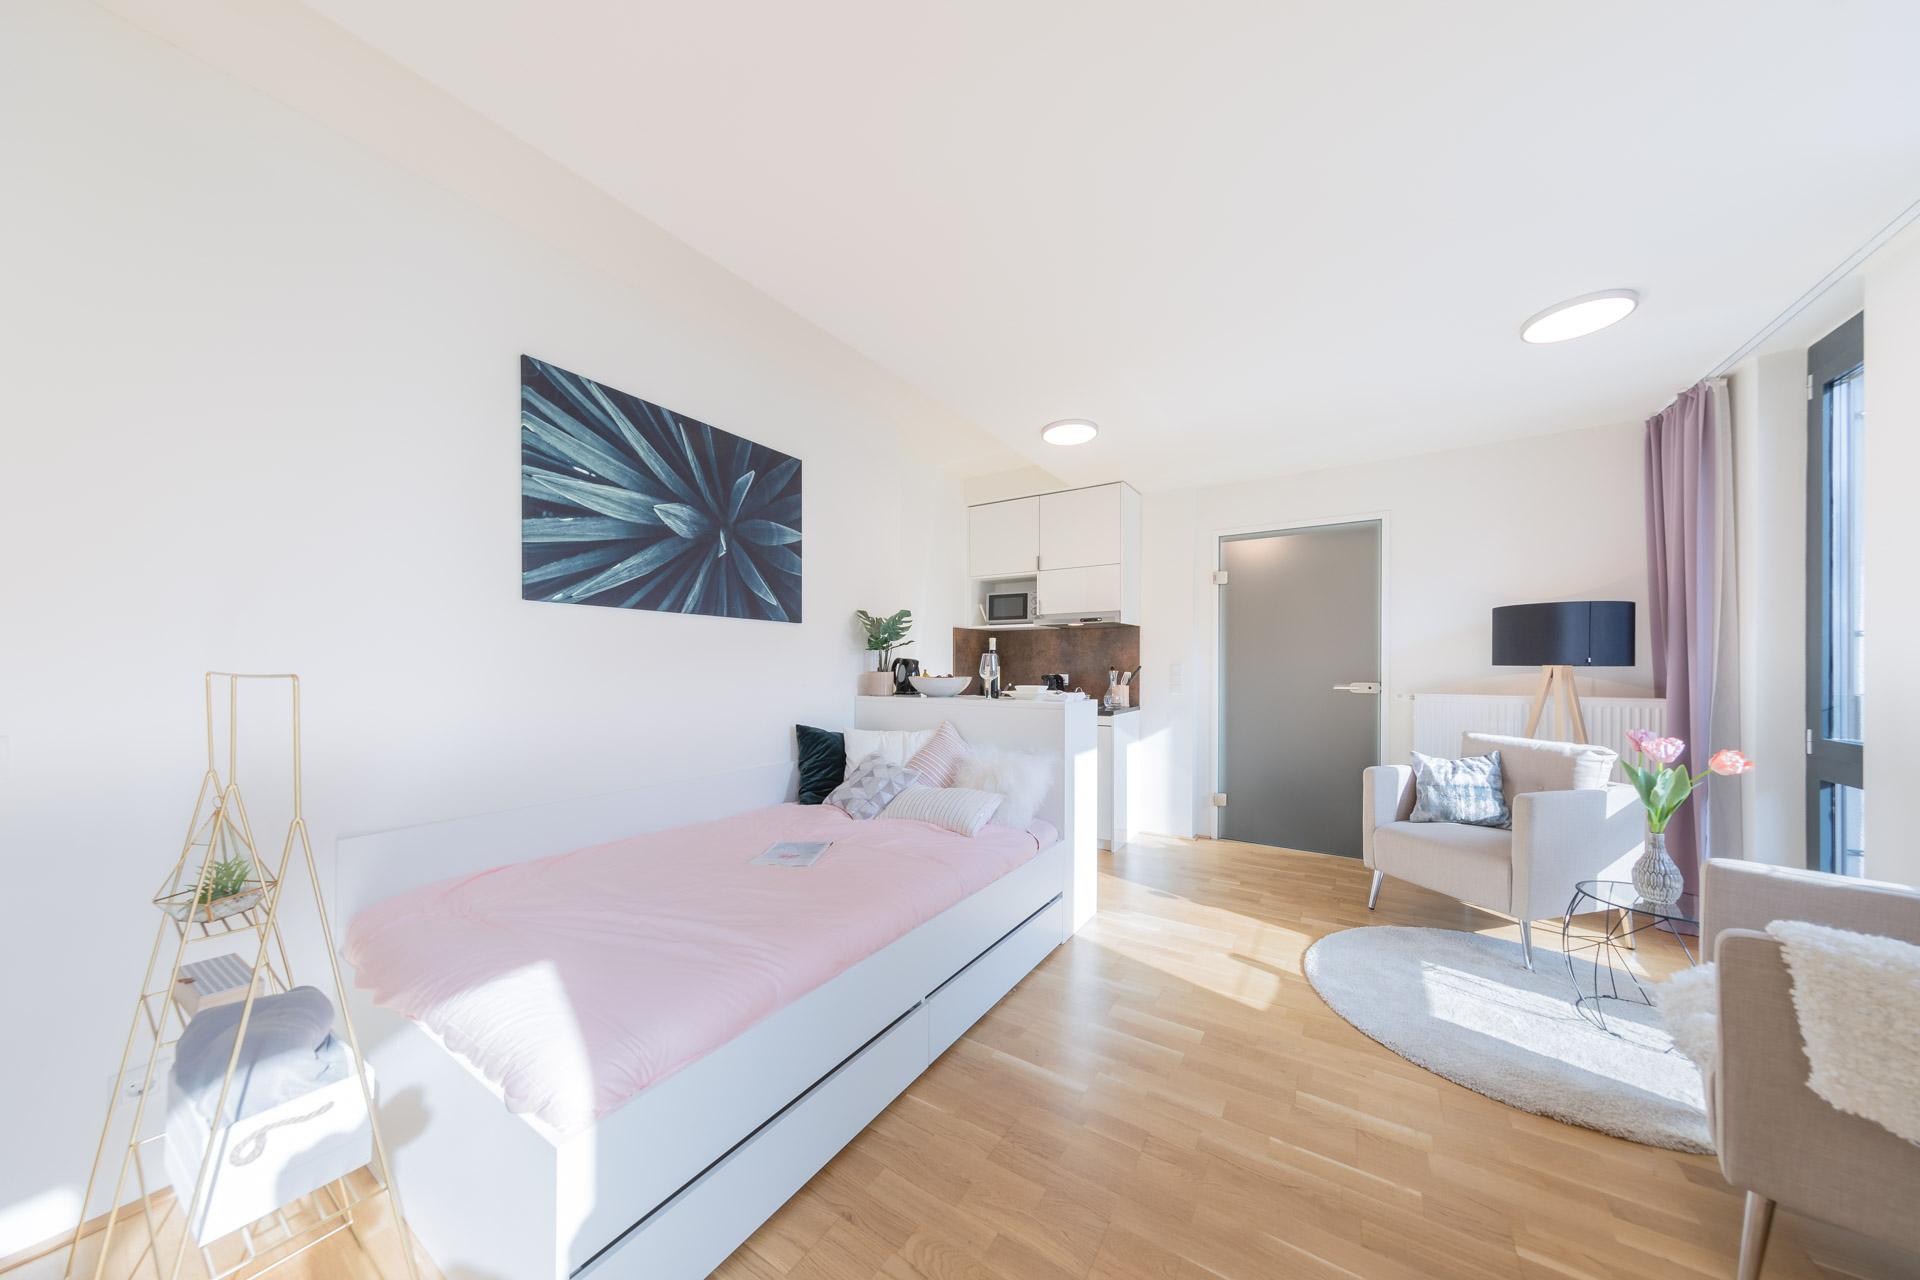 THE FIZZ Plus Wien X- Large Apartment - Schlaf- & Wohnbereich